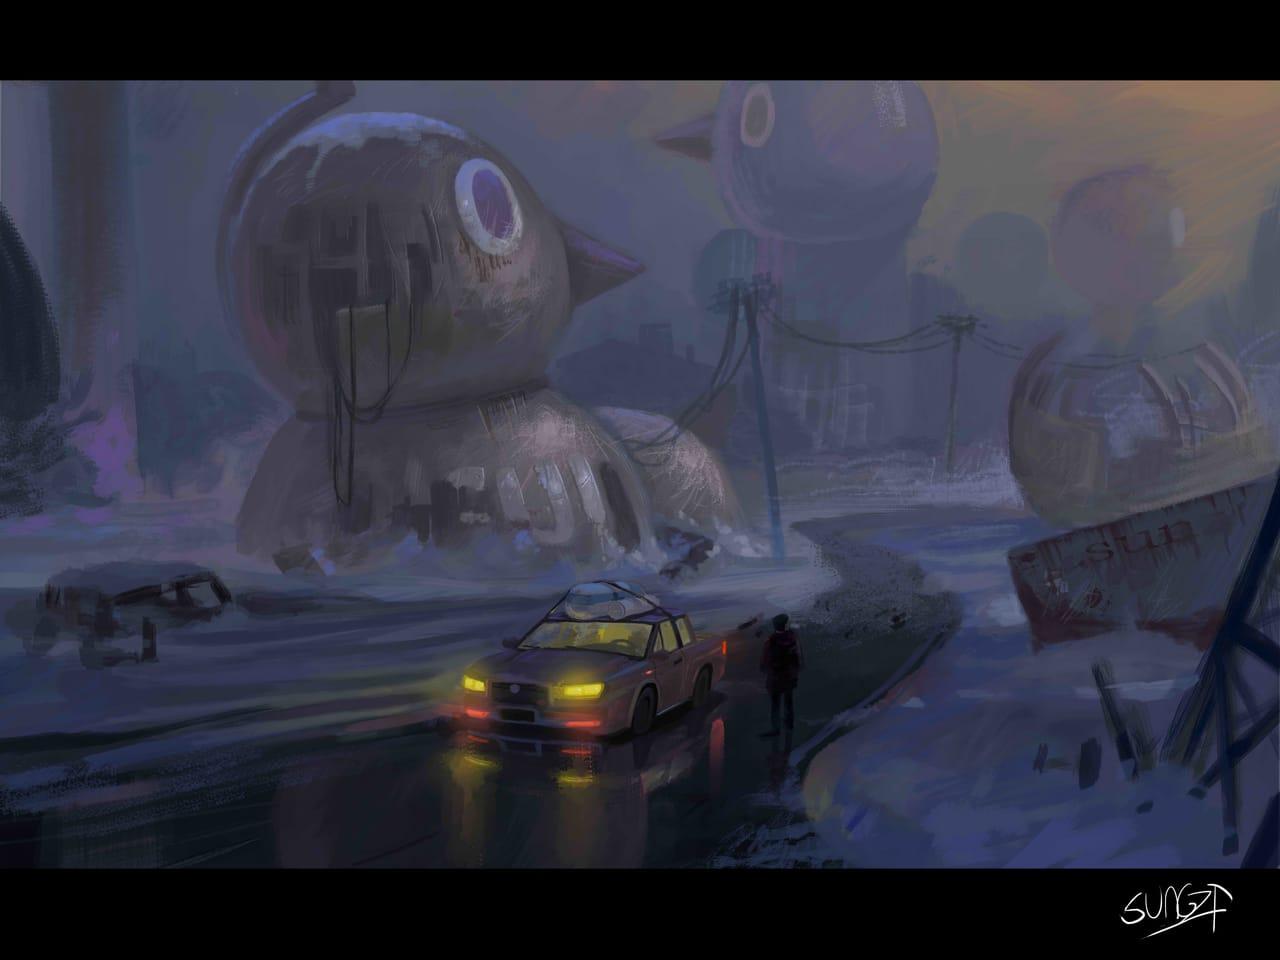 废墟 Illust of SUN6ZF November2020_Contest:Cyberpunk 场景